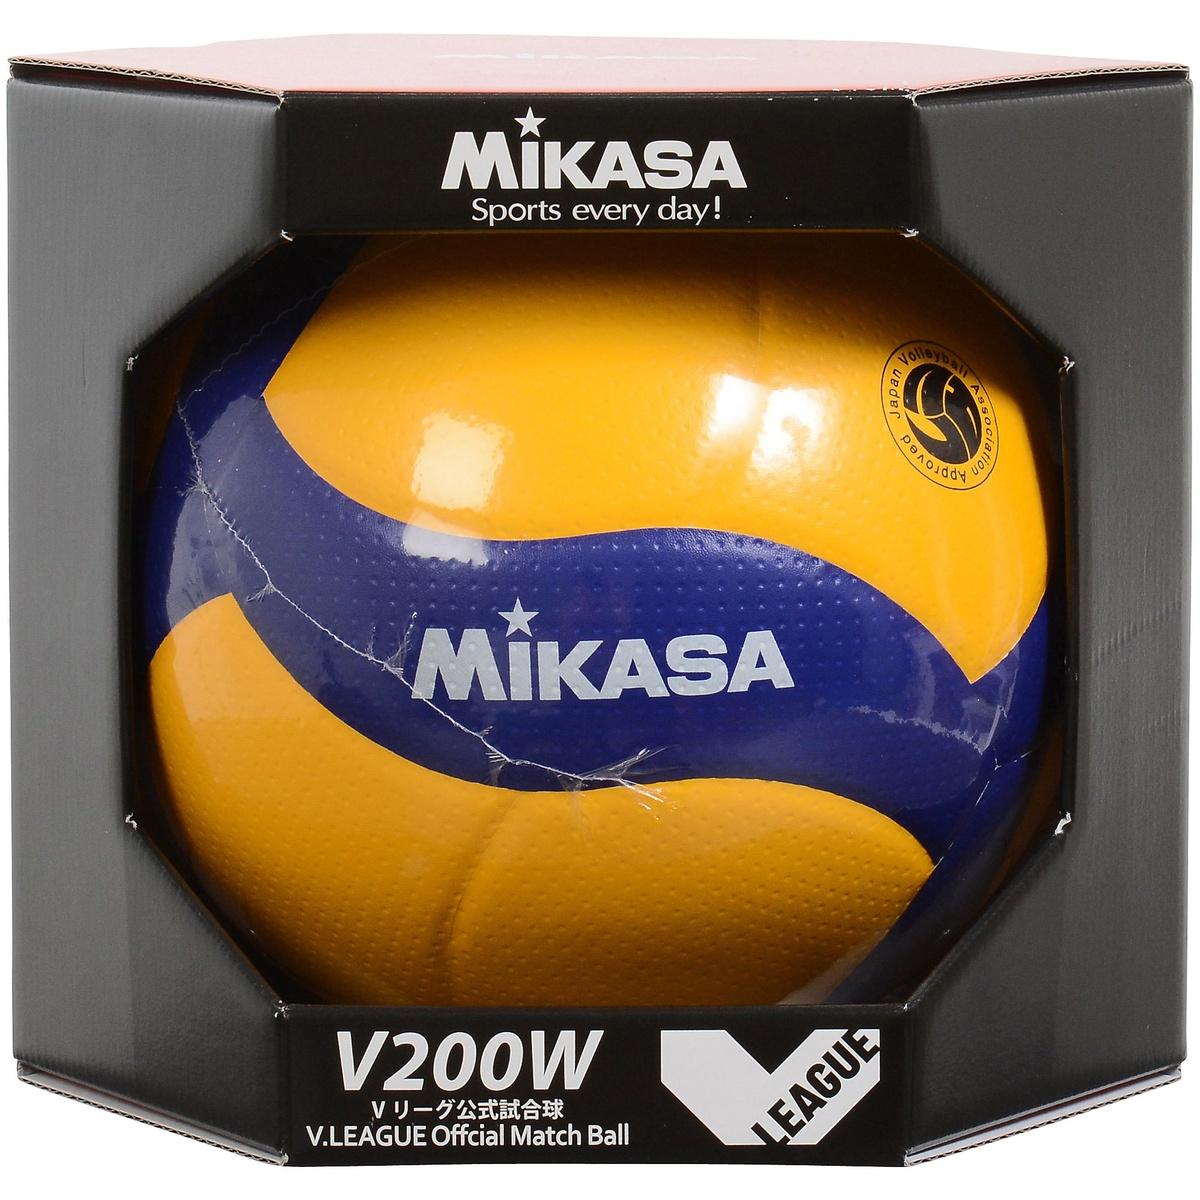 【送料無料】 MIKASA (ミカサ) バレーボール 5号ボール バレー5号 国際公認球 黄/青 5 V200W